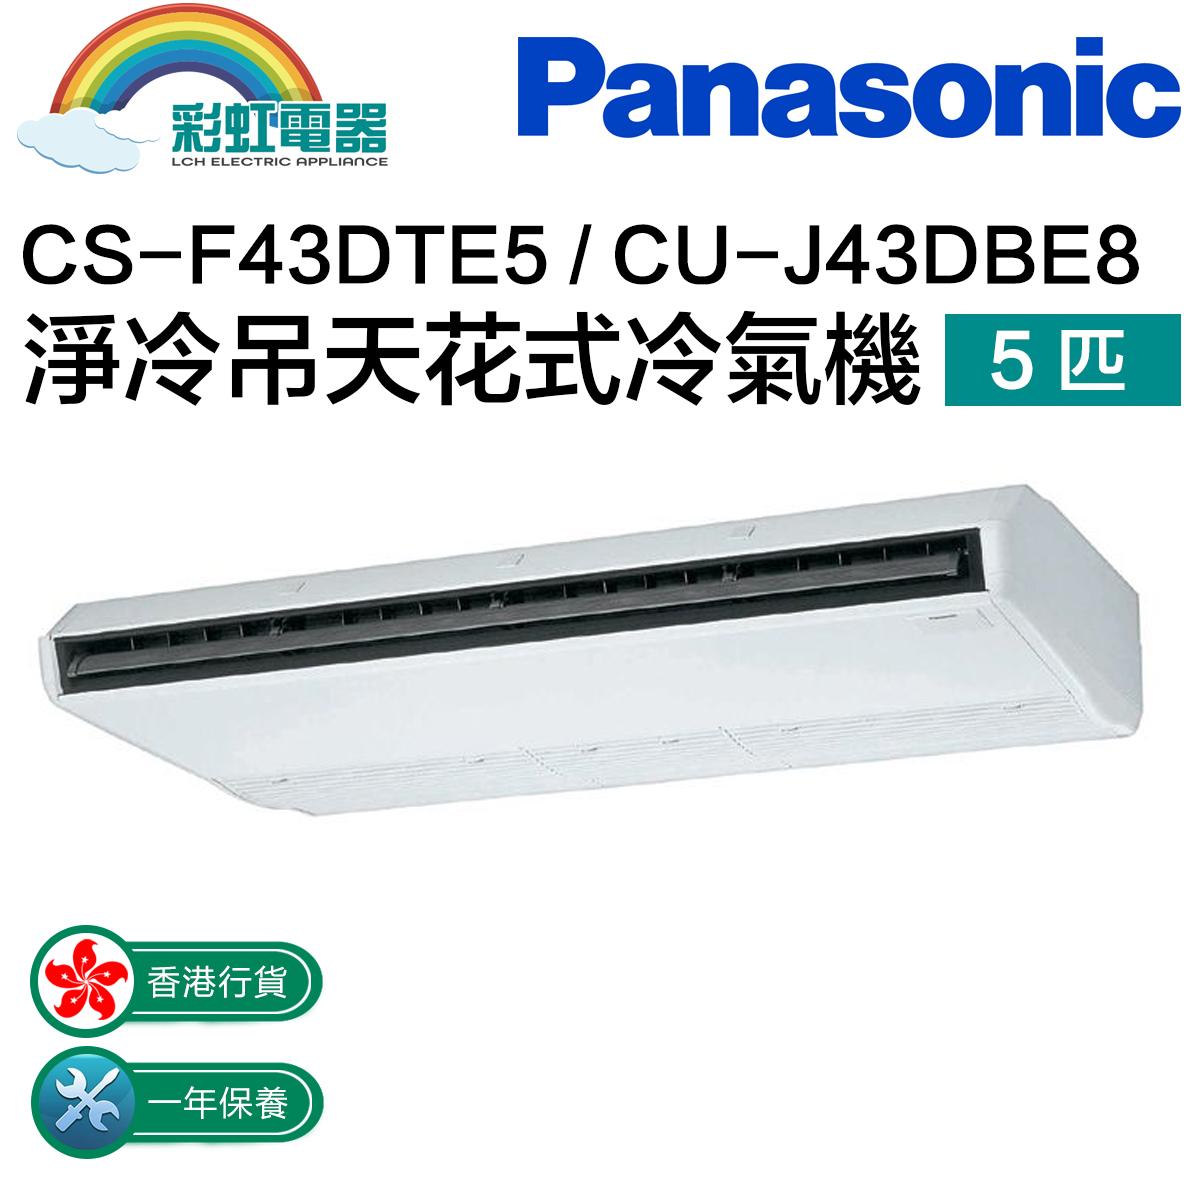 CS-F43DTE5/CU-J43DBE8 淨冷吊天花式冷氣機 5匹(有線/無線搖控器)